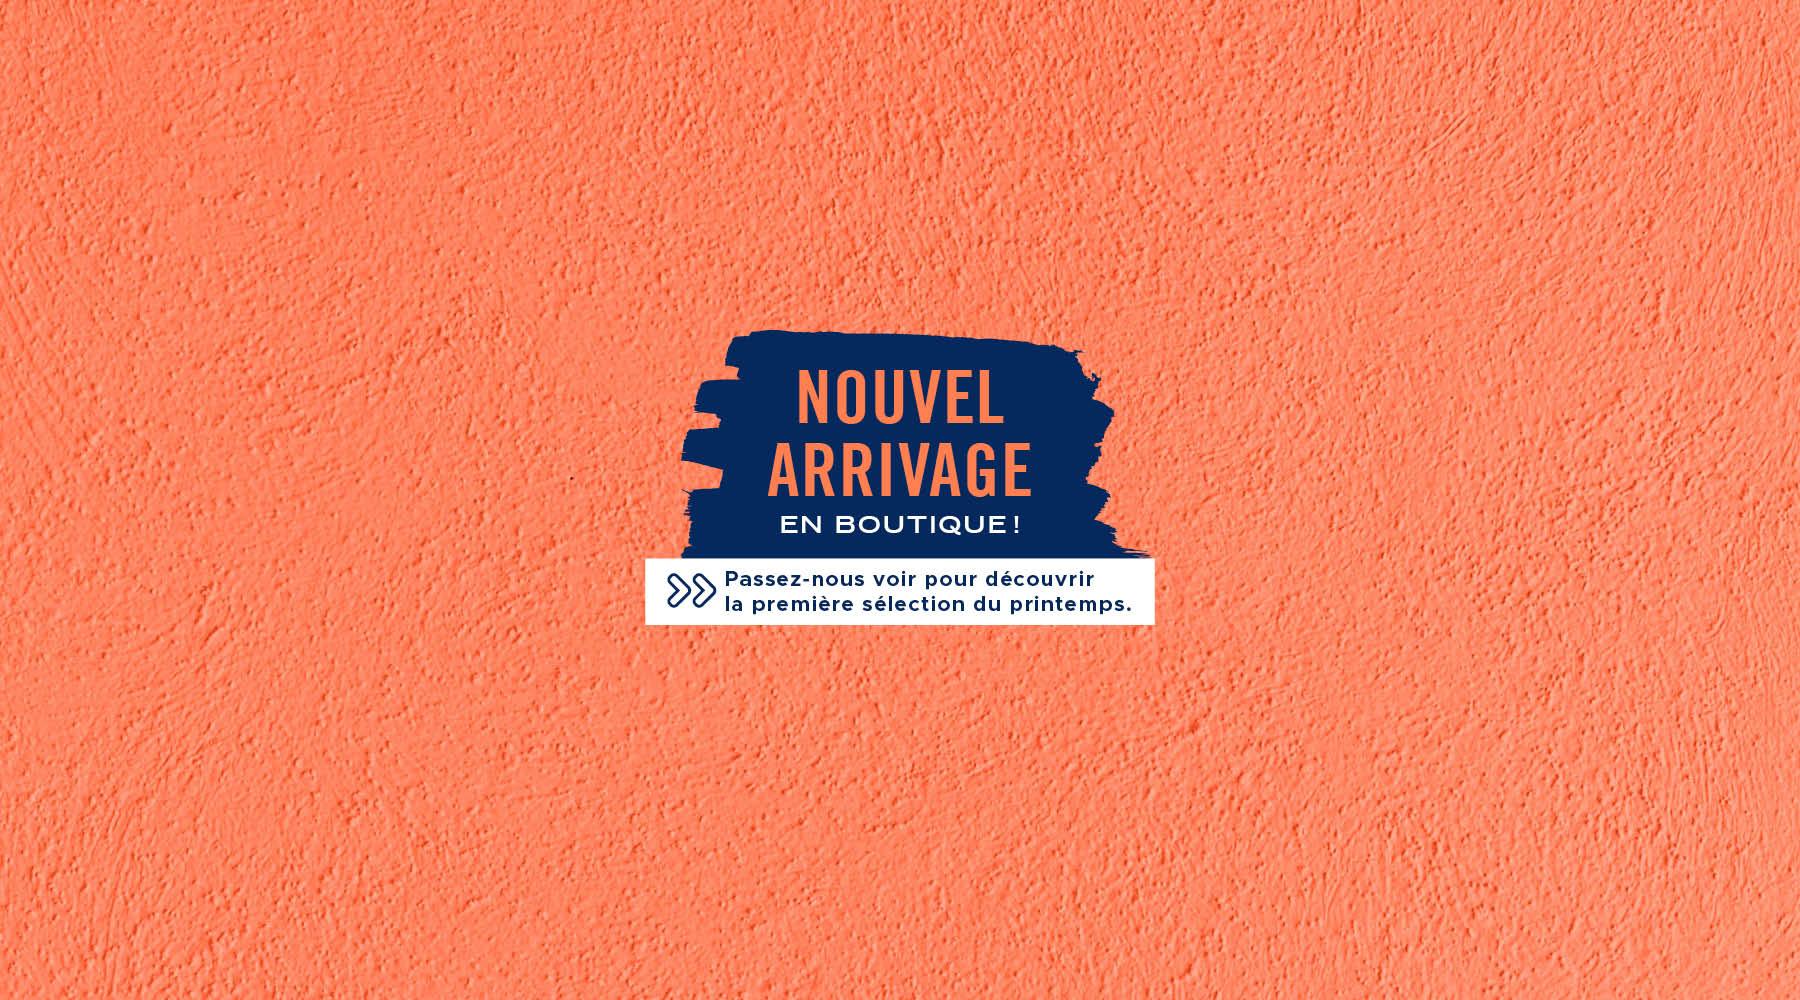 Jonathan_NouvelArrivage_Printanier_1800x